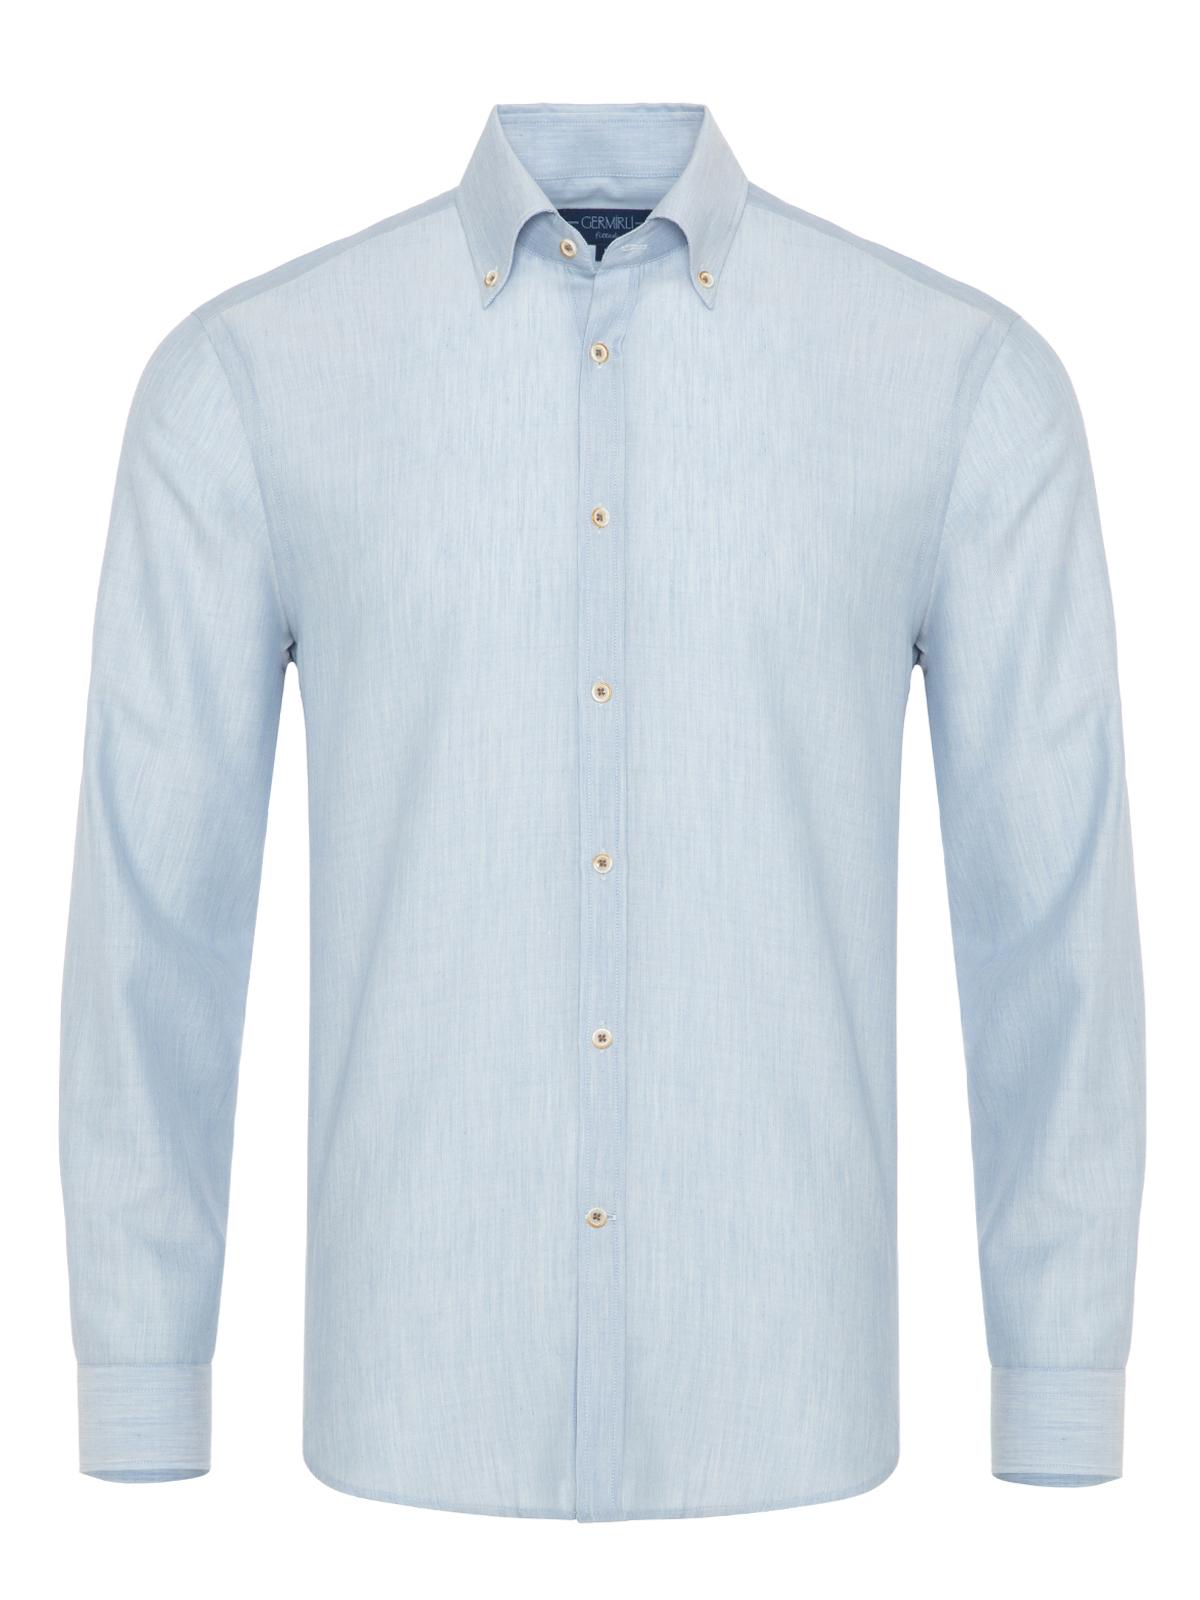 Germirli Mavi Yünlü Filafil Doku Düğmeli Yaka Tailor Fit Gömlek